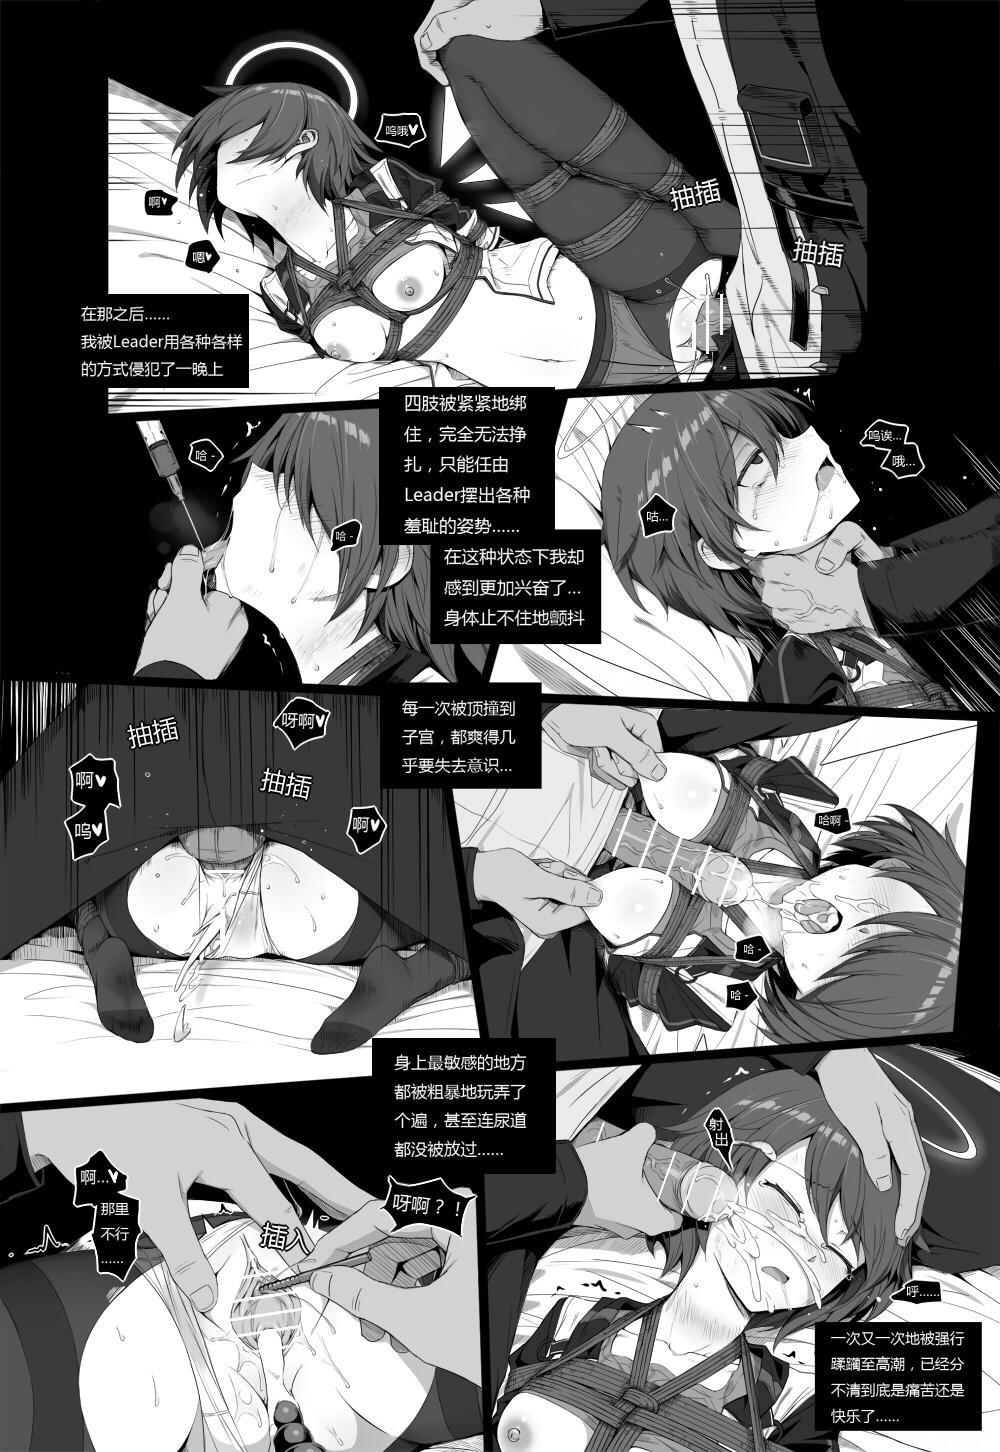 无能狂怒 49